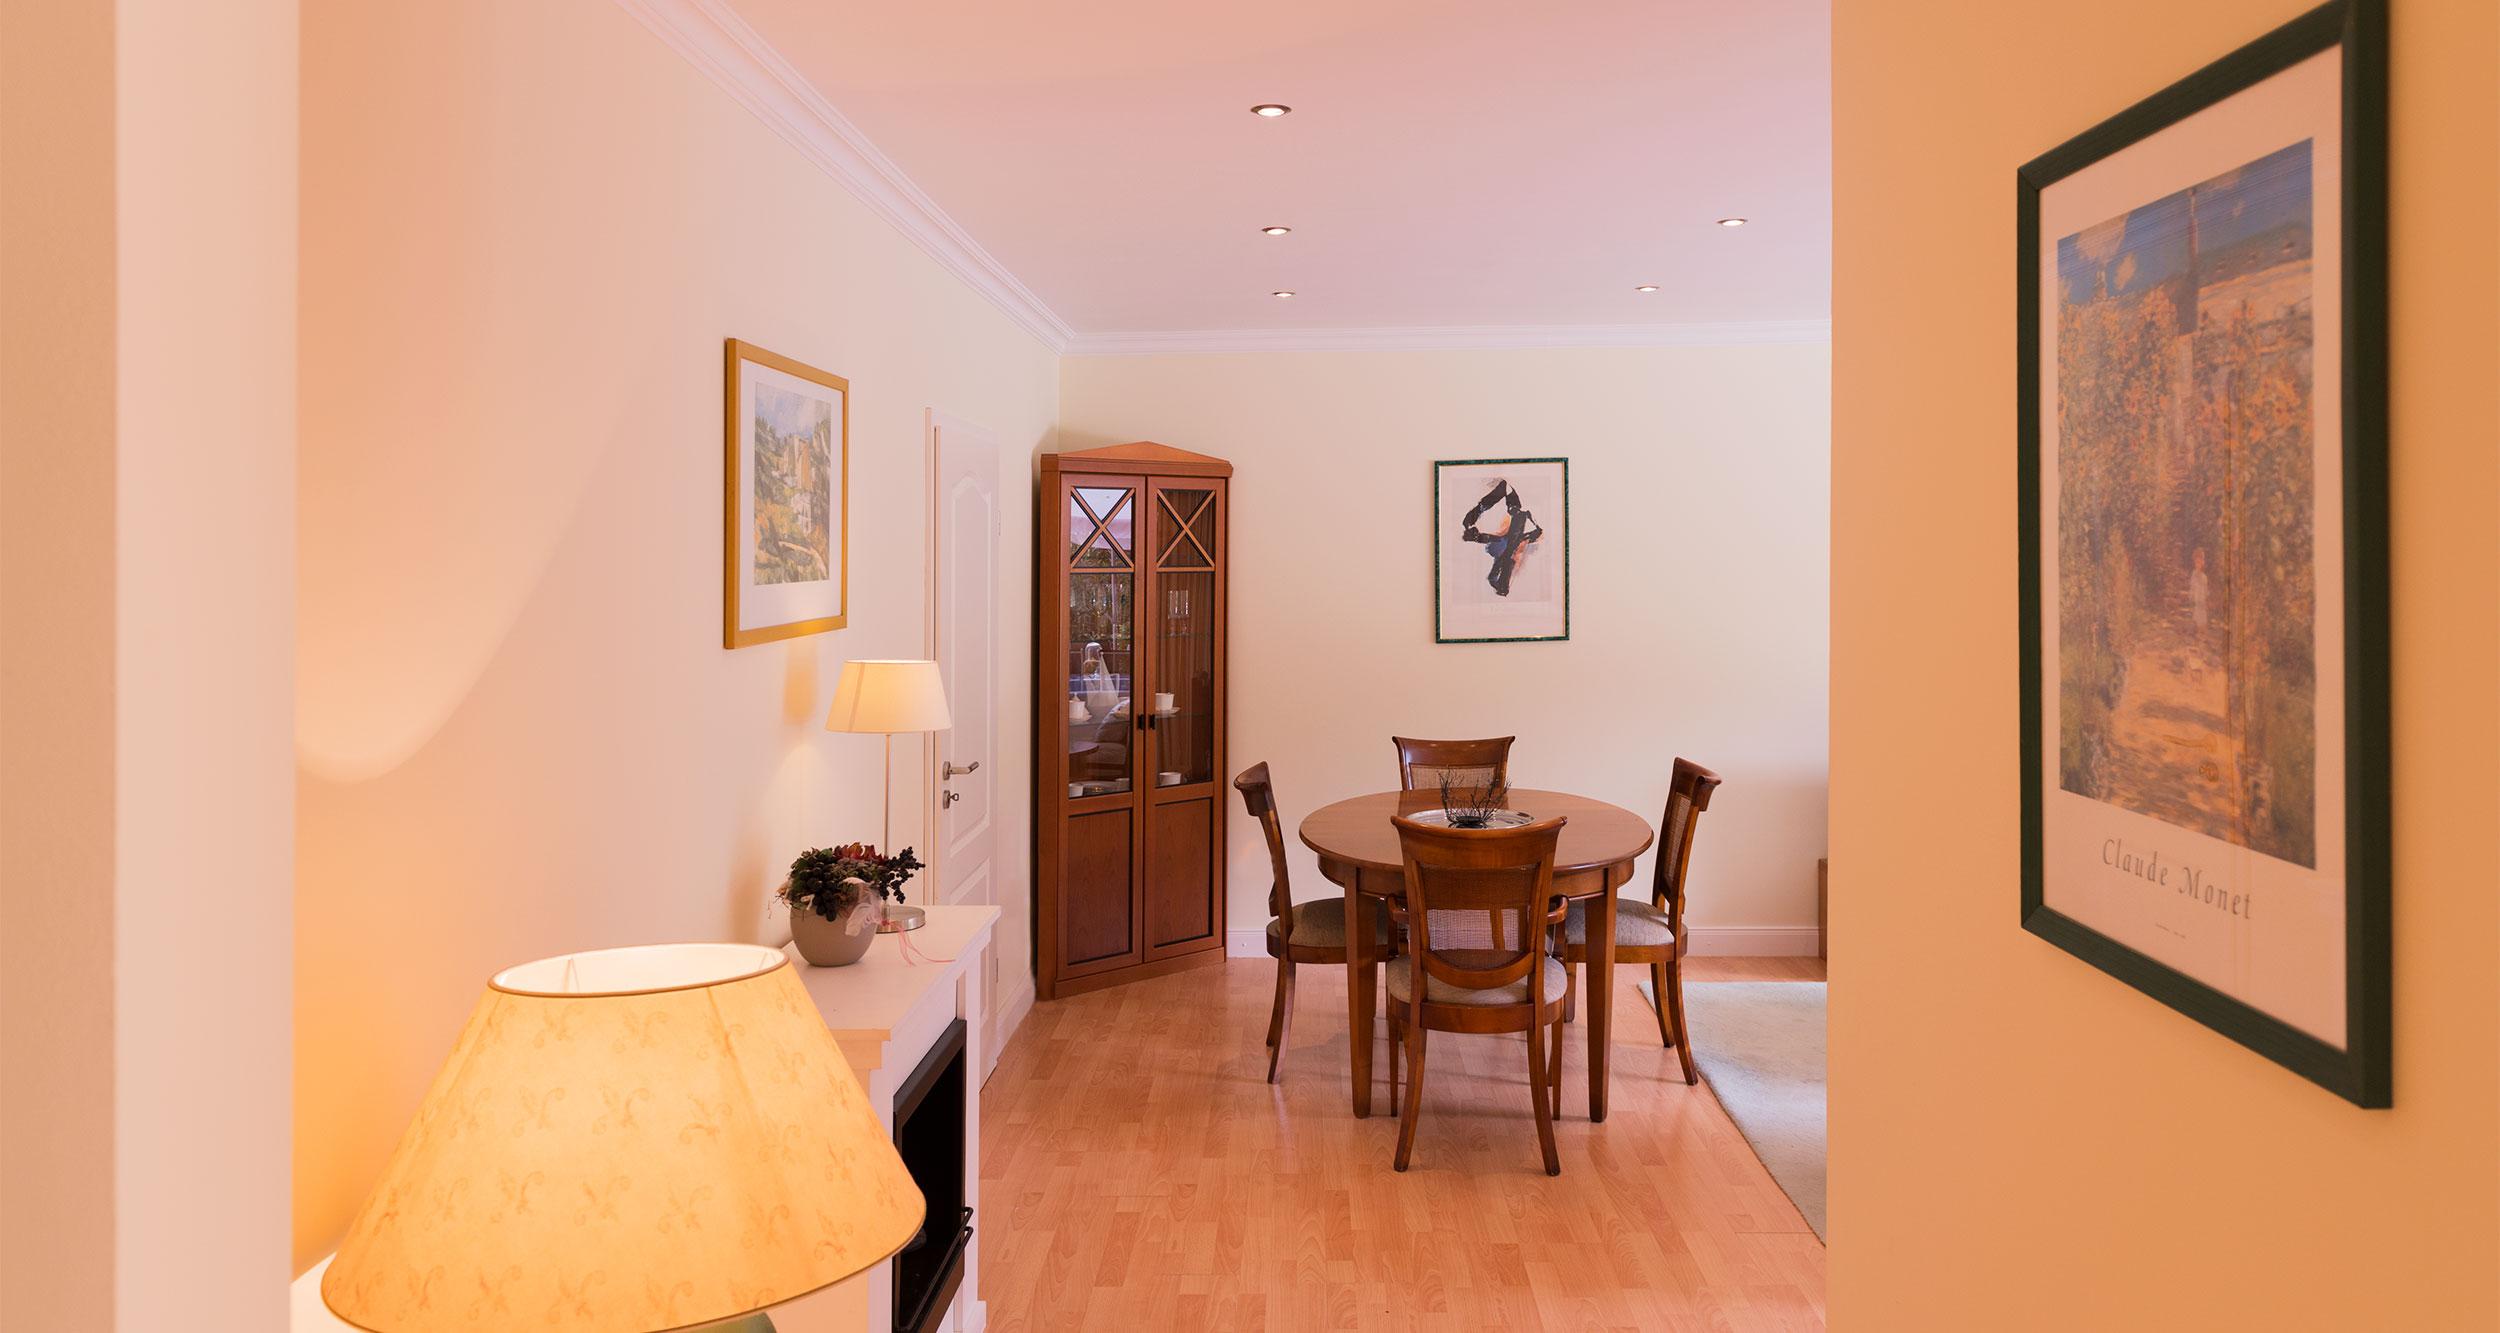 Appartment Rosengarten - Wohnzimmer